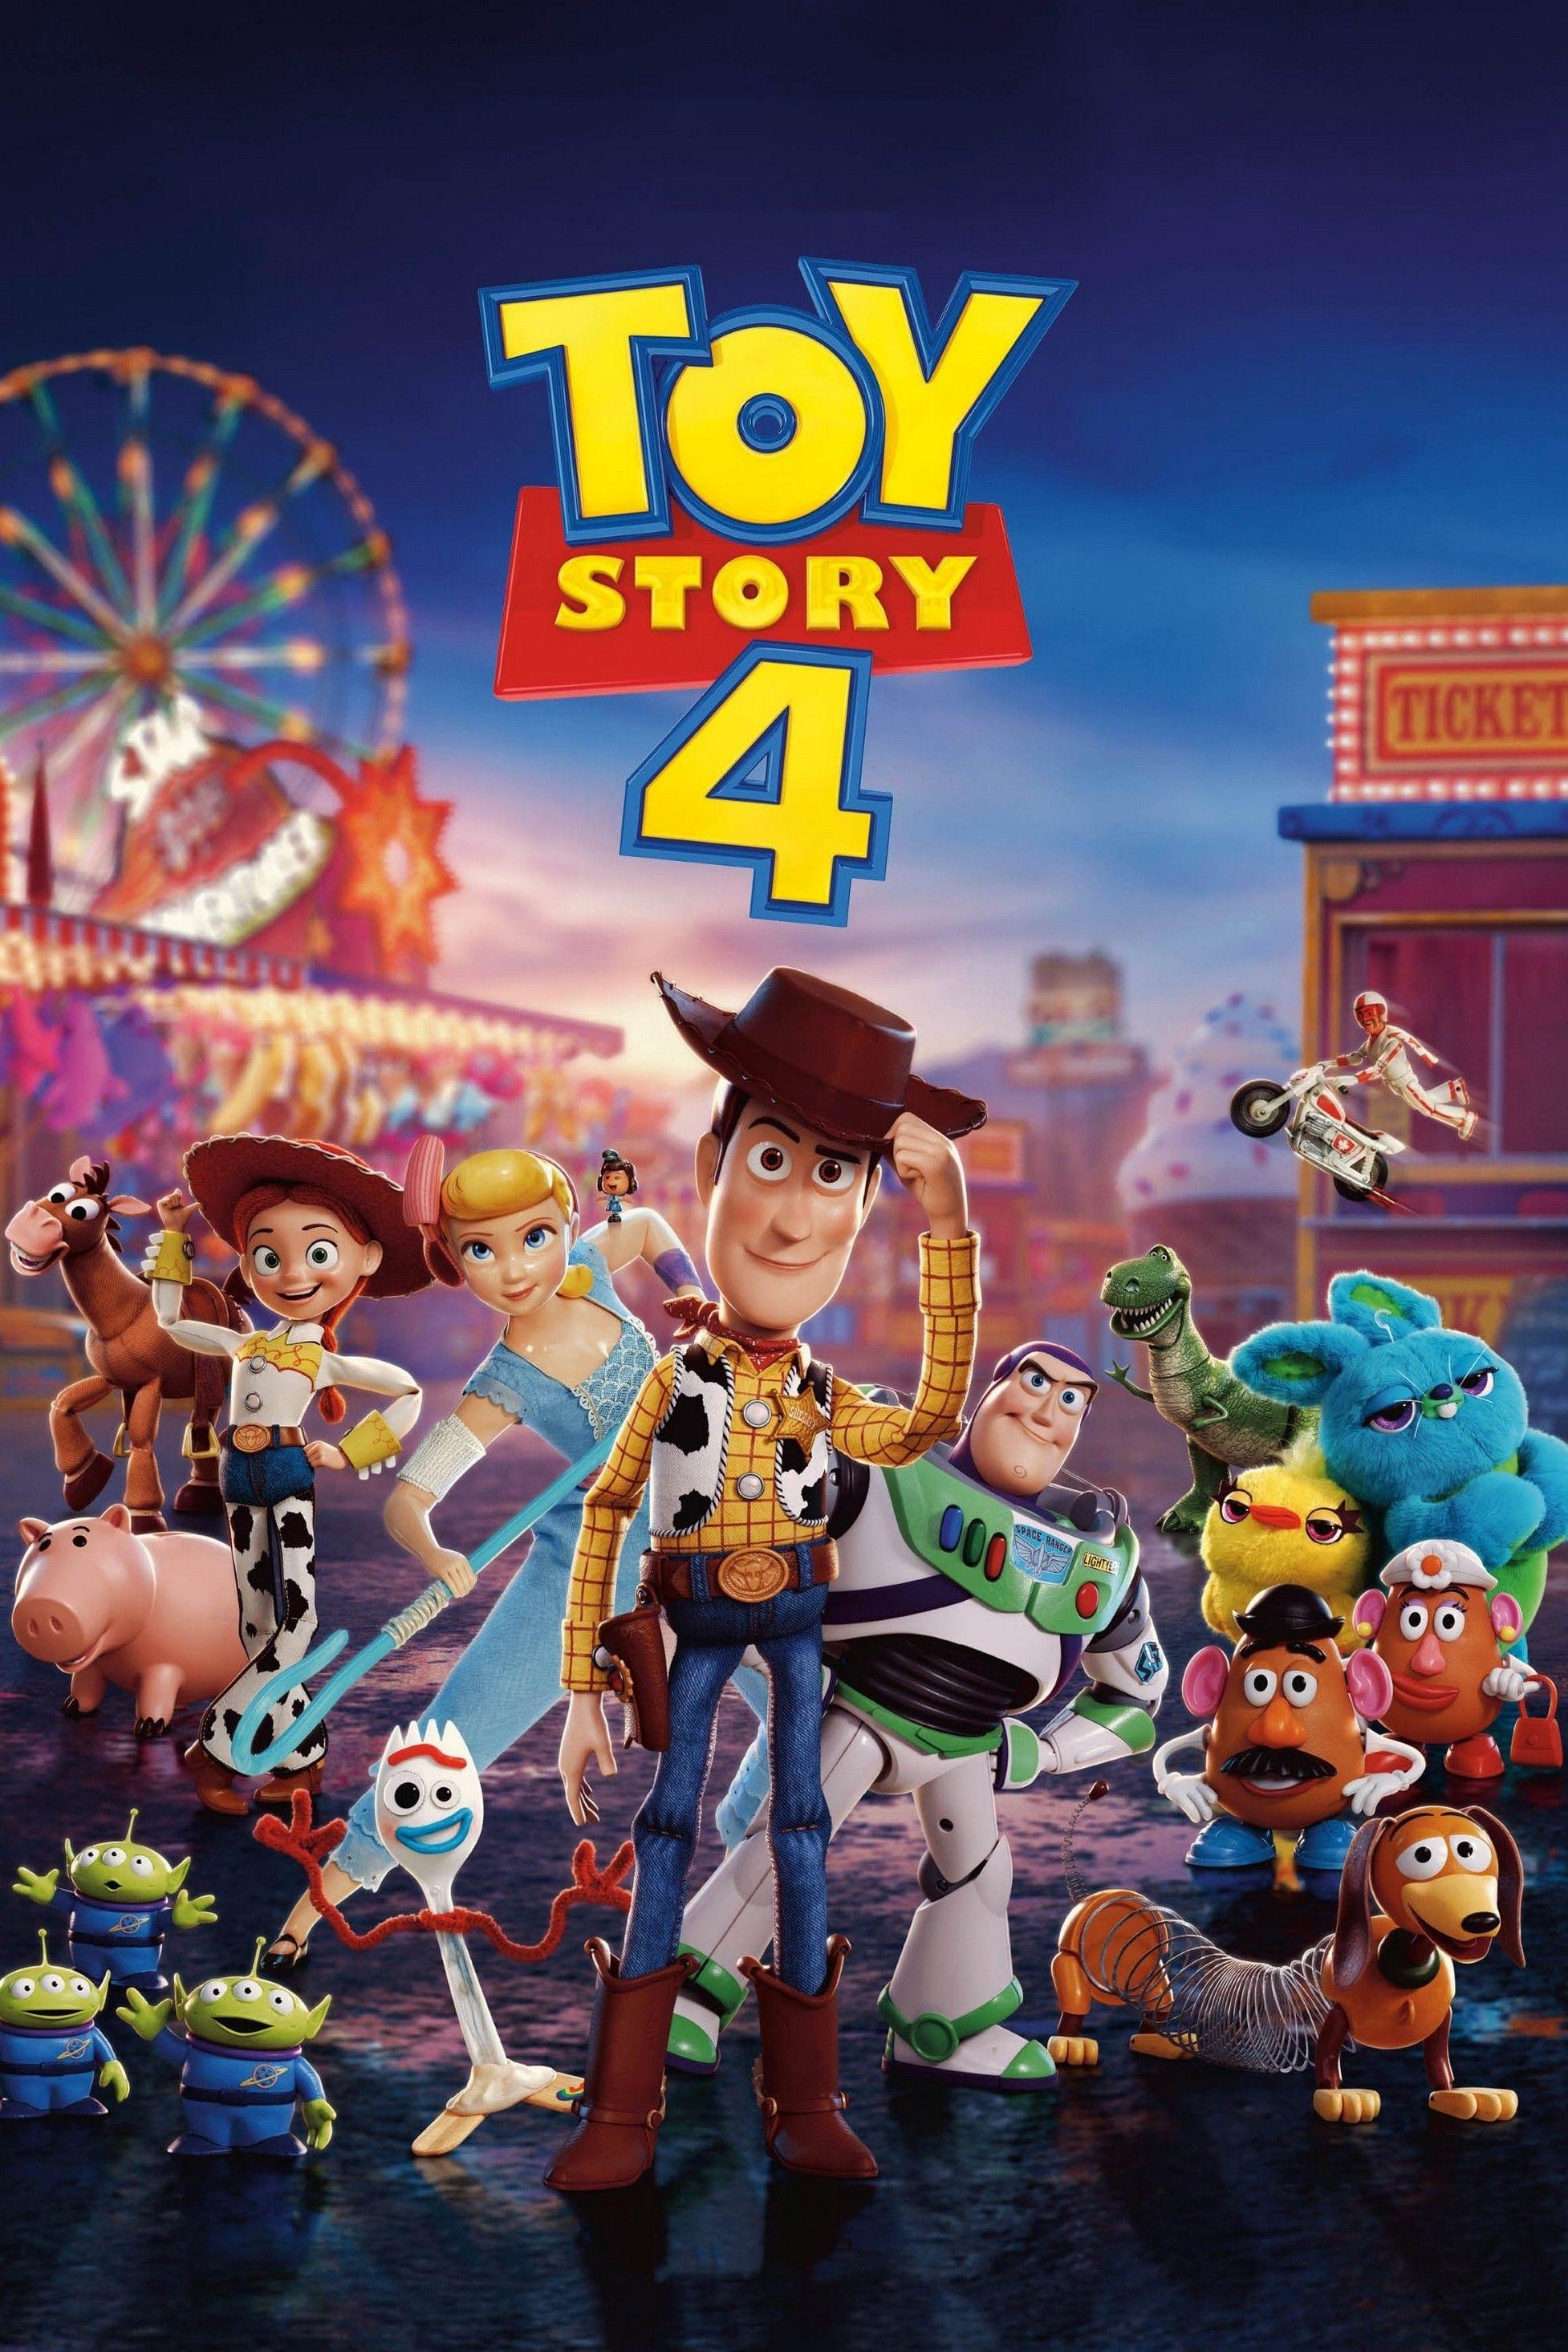 Pelicula De Toy Story 4 Completa En Espanol Para Descargar Pelicula Toy Story Toy Story Peliculas Completas